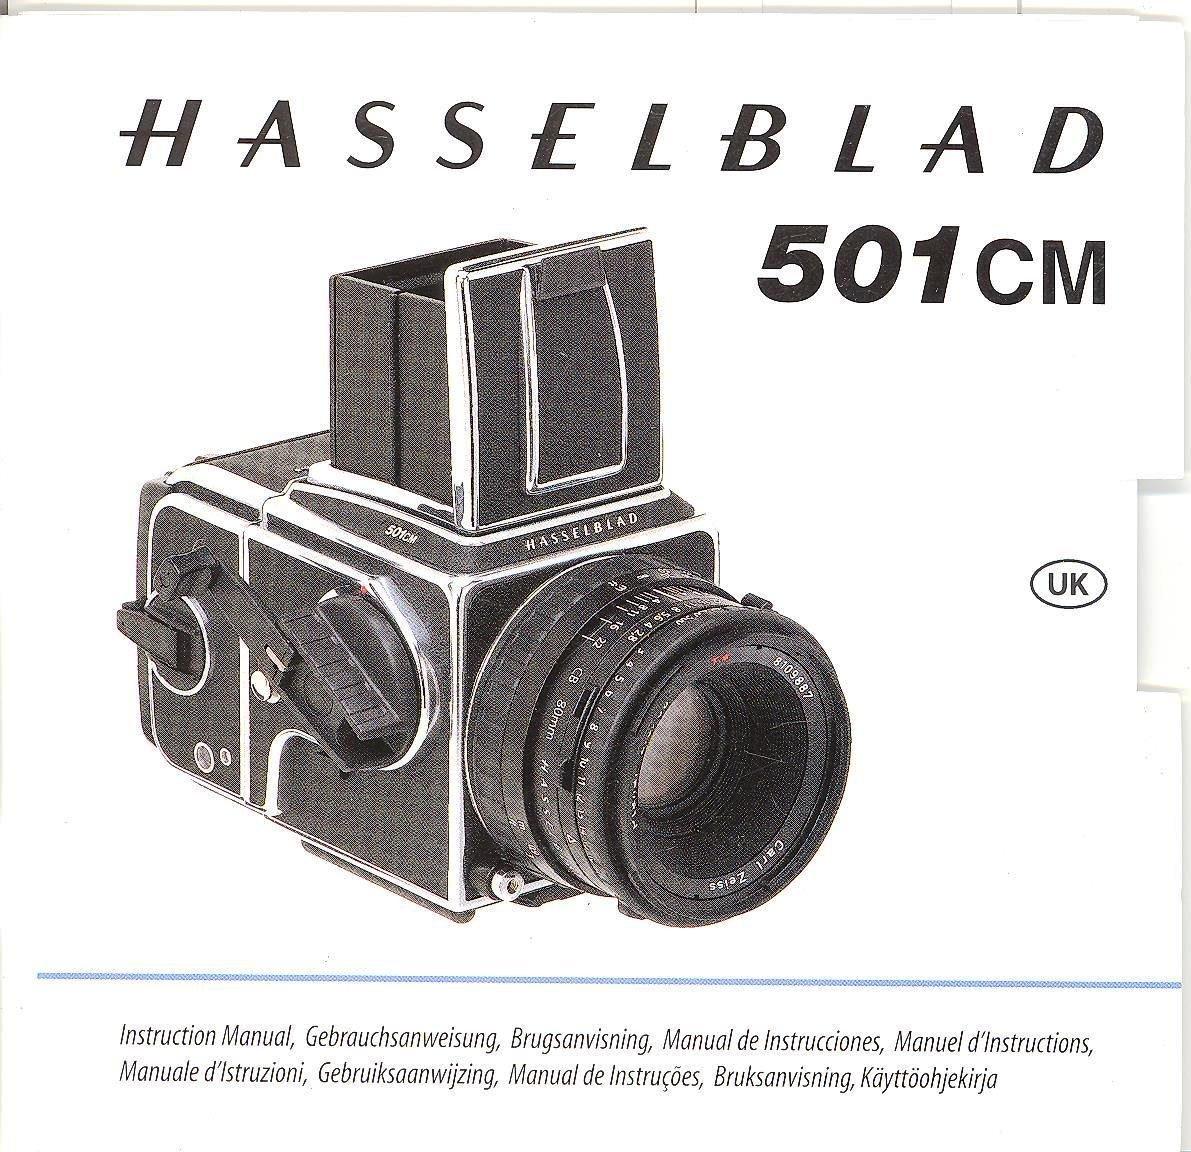 Hasselblad 501CM Original Instruction Manual: Amazon com: Books